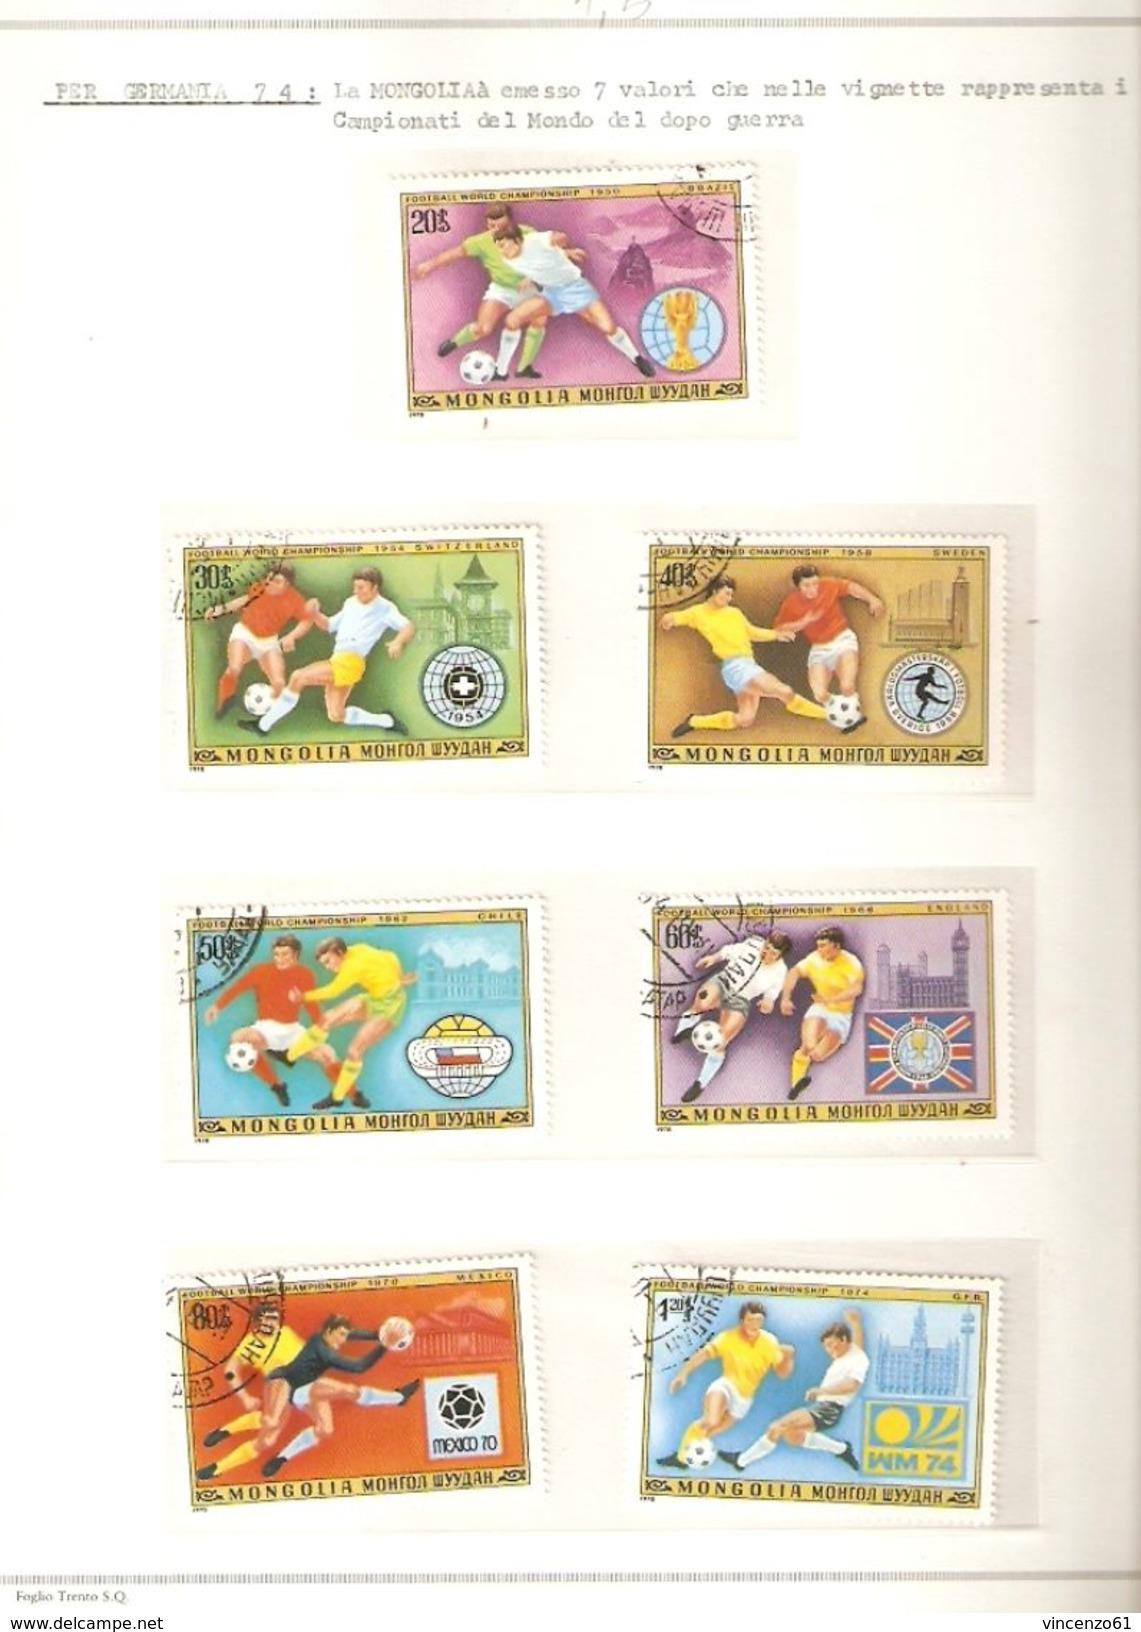 MONGOLIA FIFA WORLD CUP 1974 GERMANY 1974 - Coppa Del Mondo